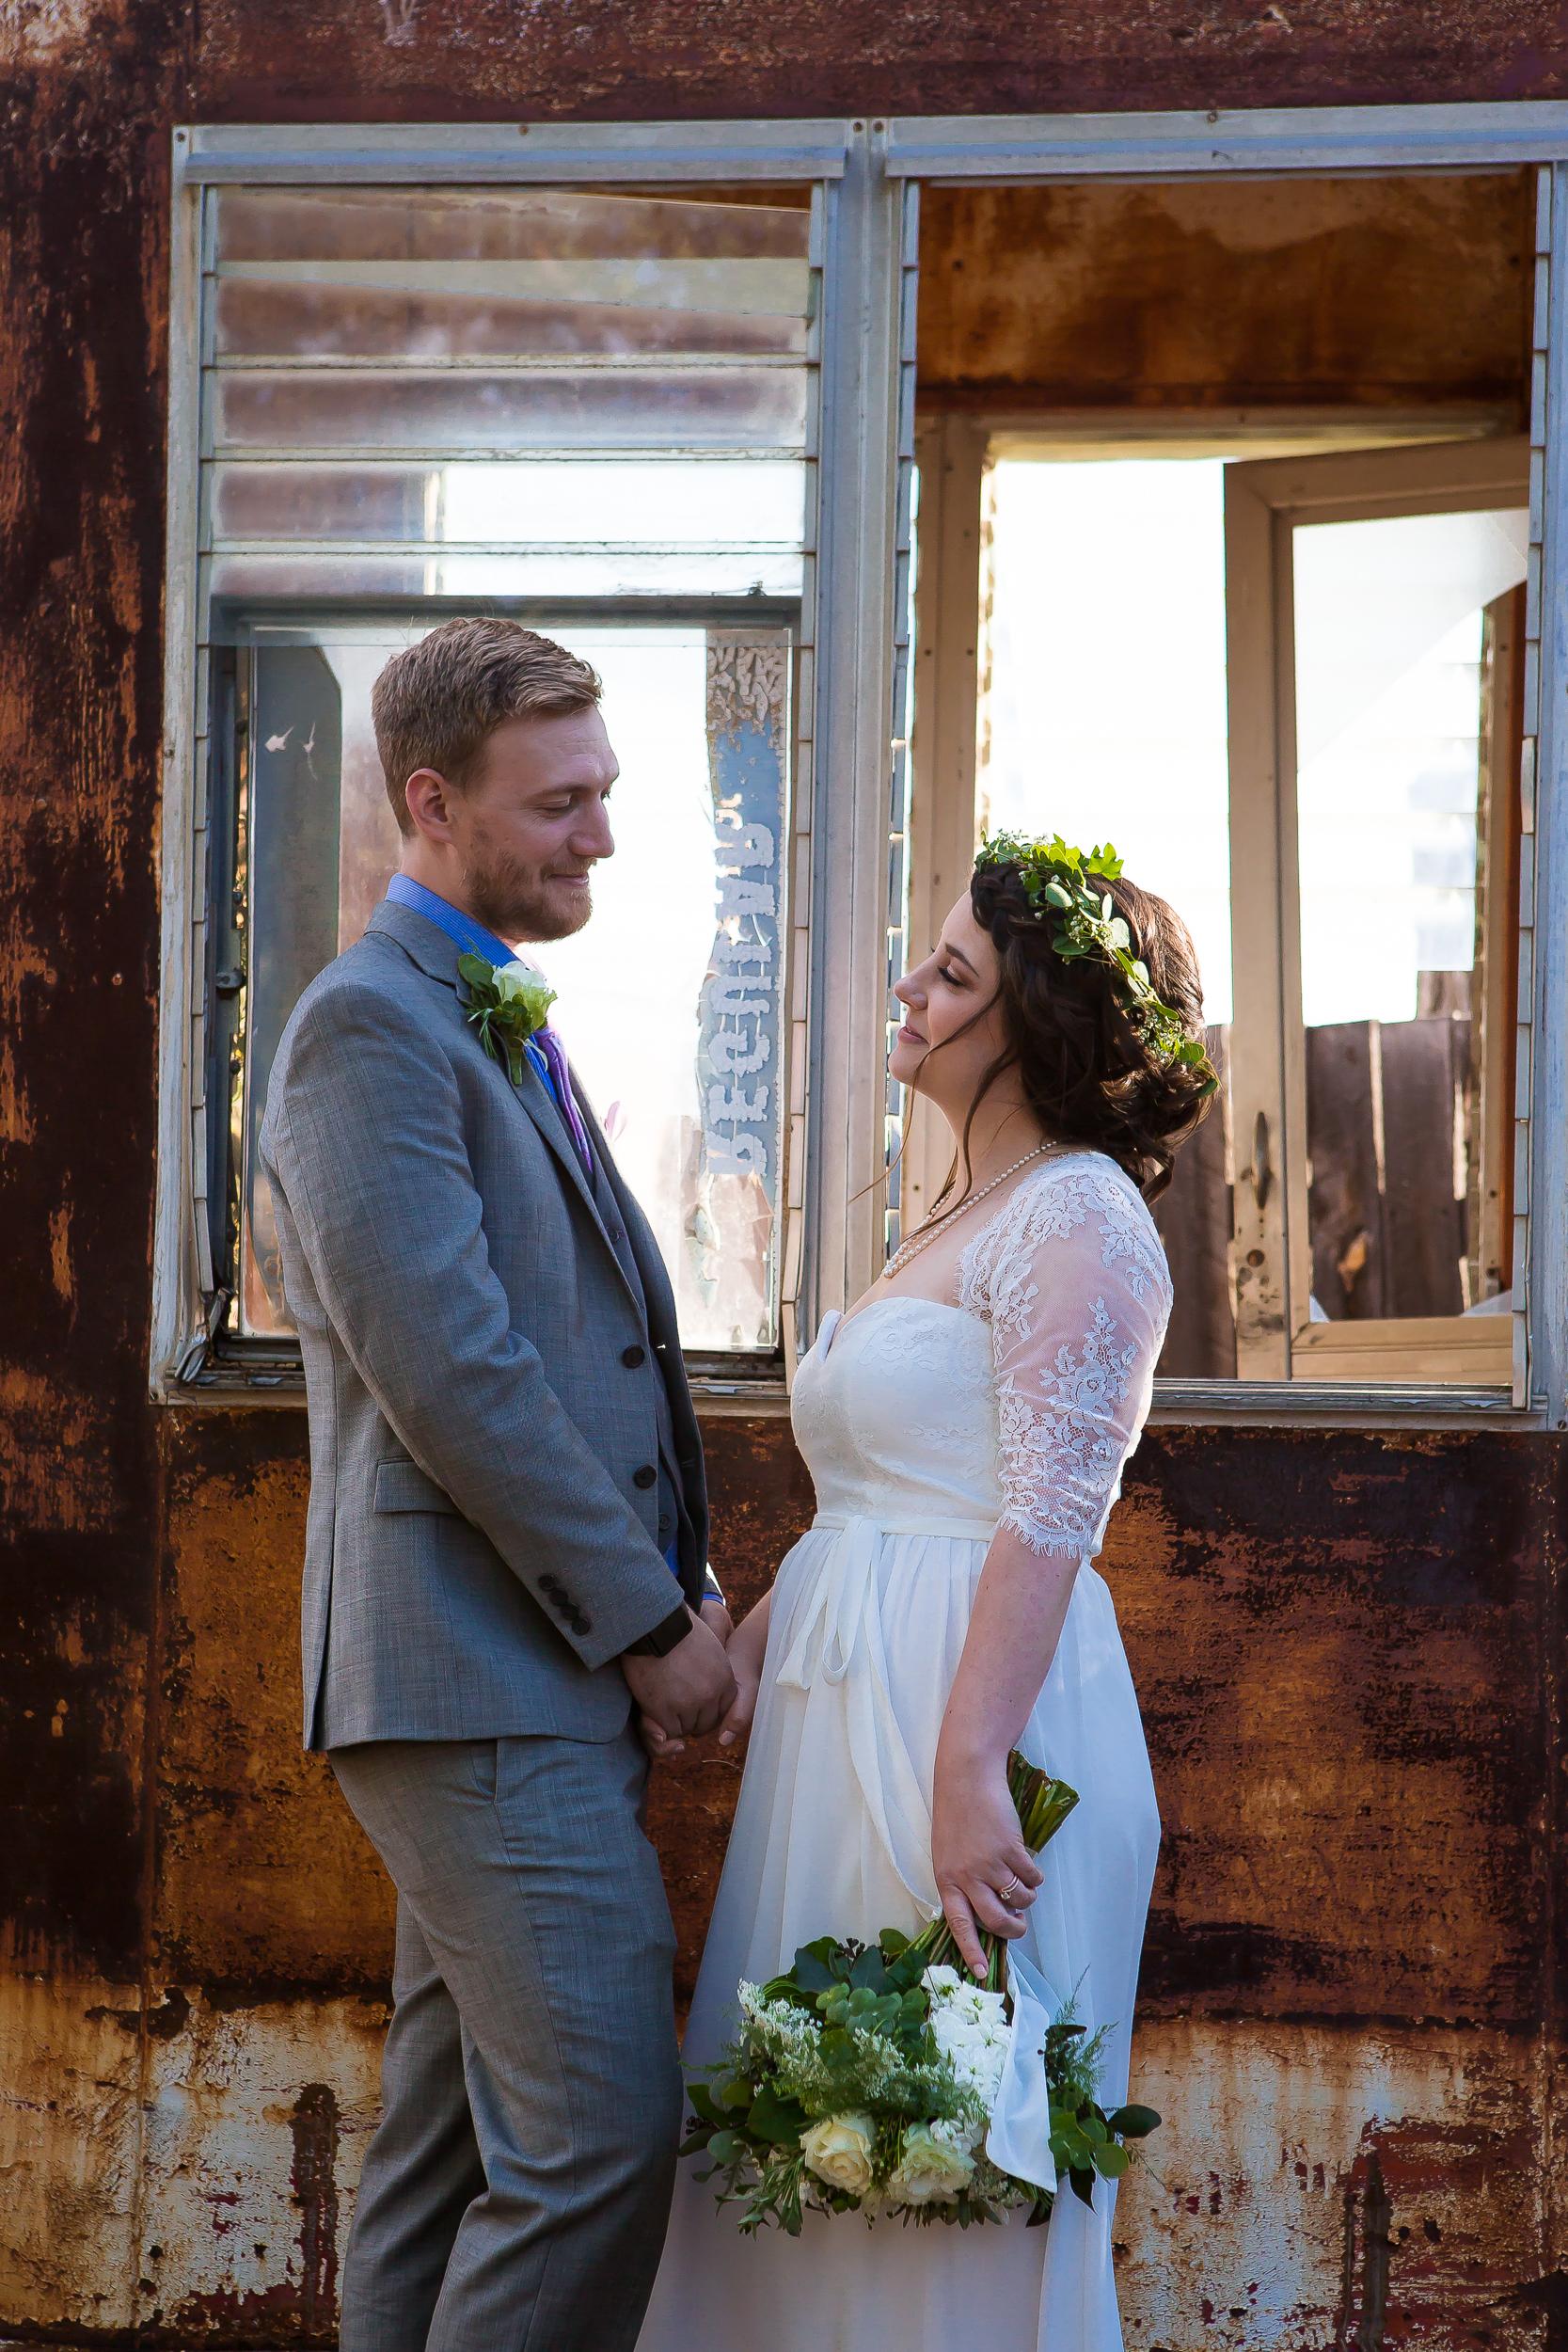 Hillside Gardens Wedding Colorado Springs Durango Photographer Alexi Hubbell